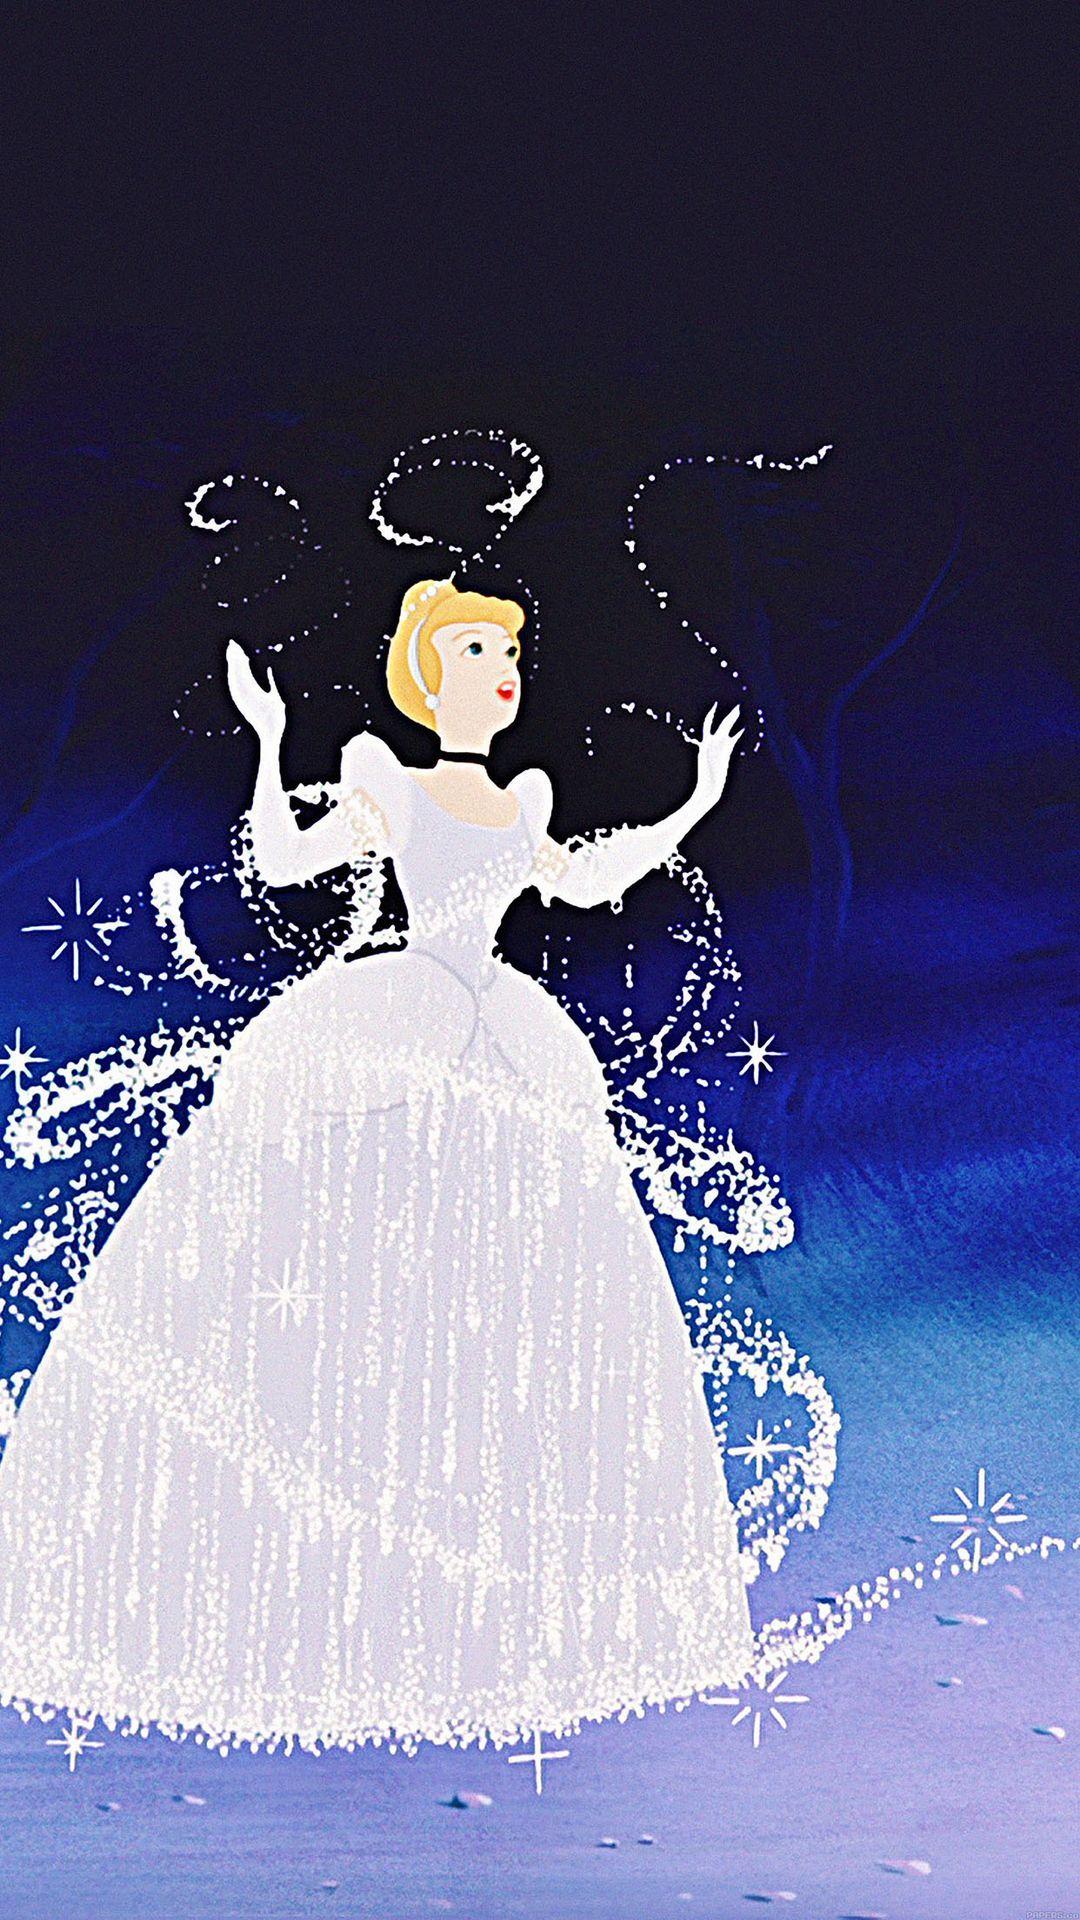 Tap image for more iPhone Disney wallpaper! Princess